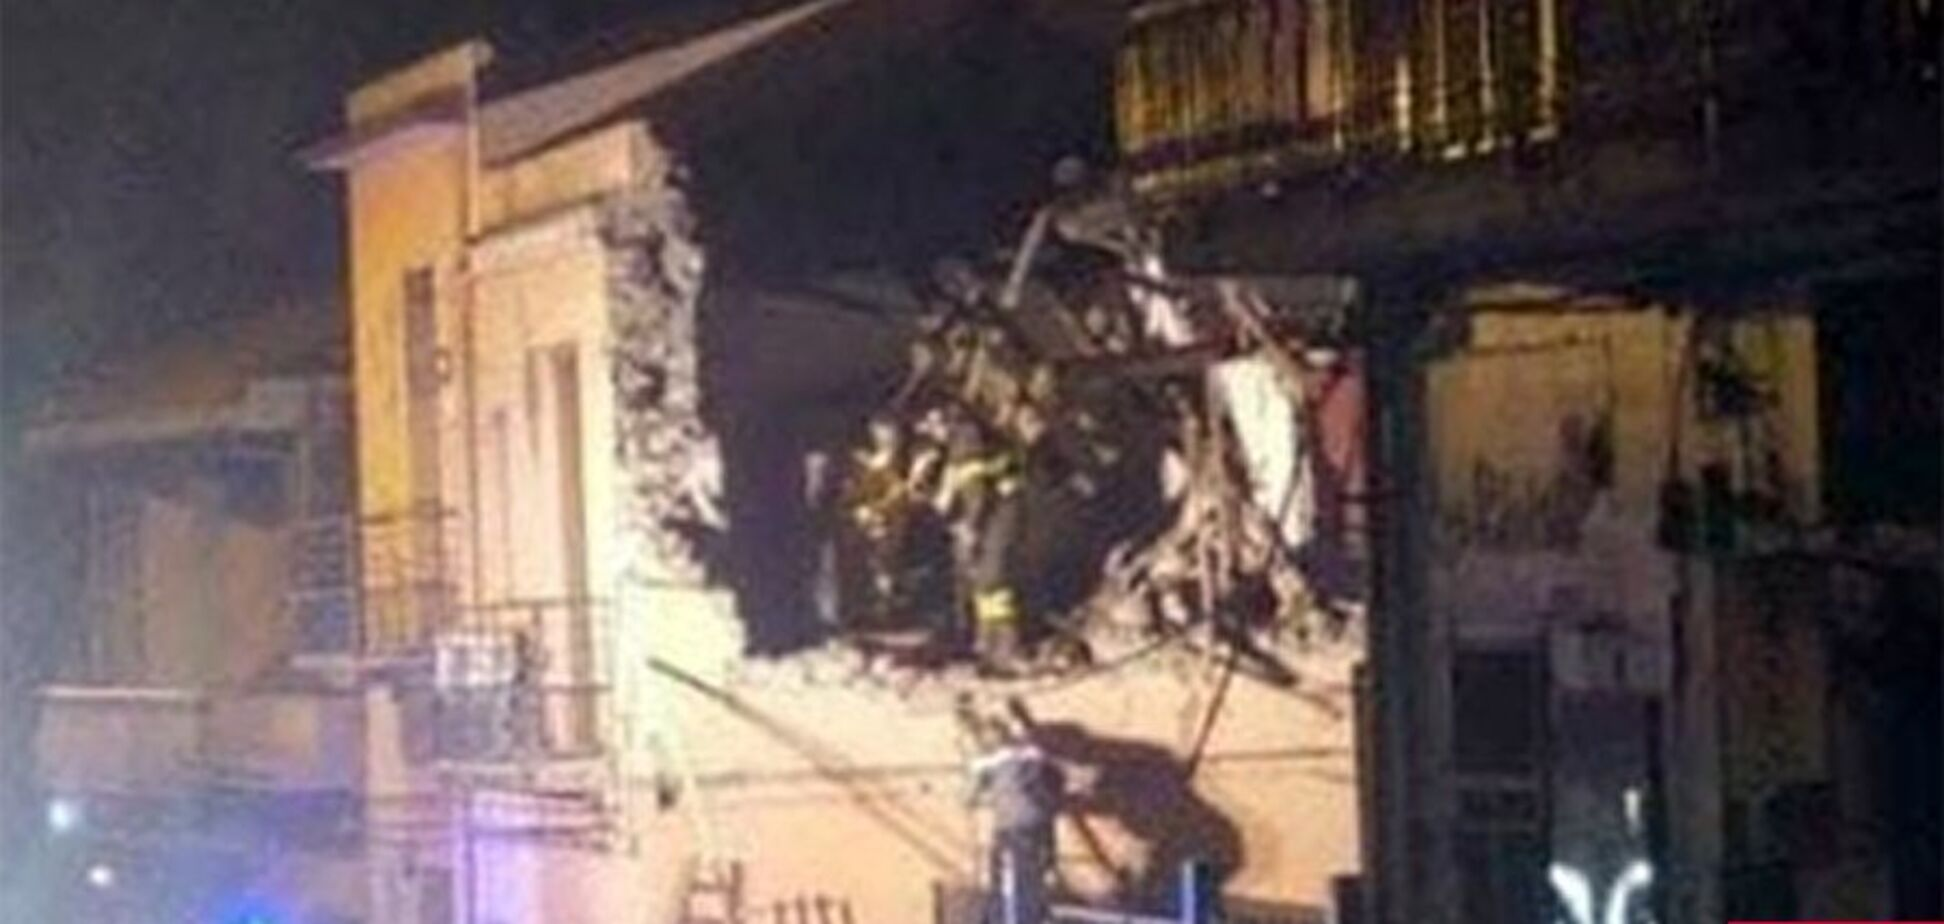 В Италии произошло разрушительное землетрясение: фото и видео последствий